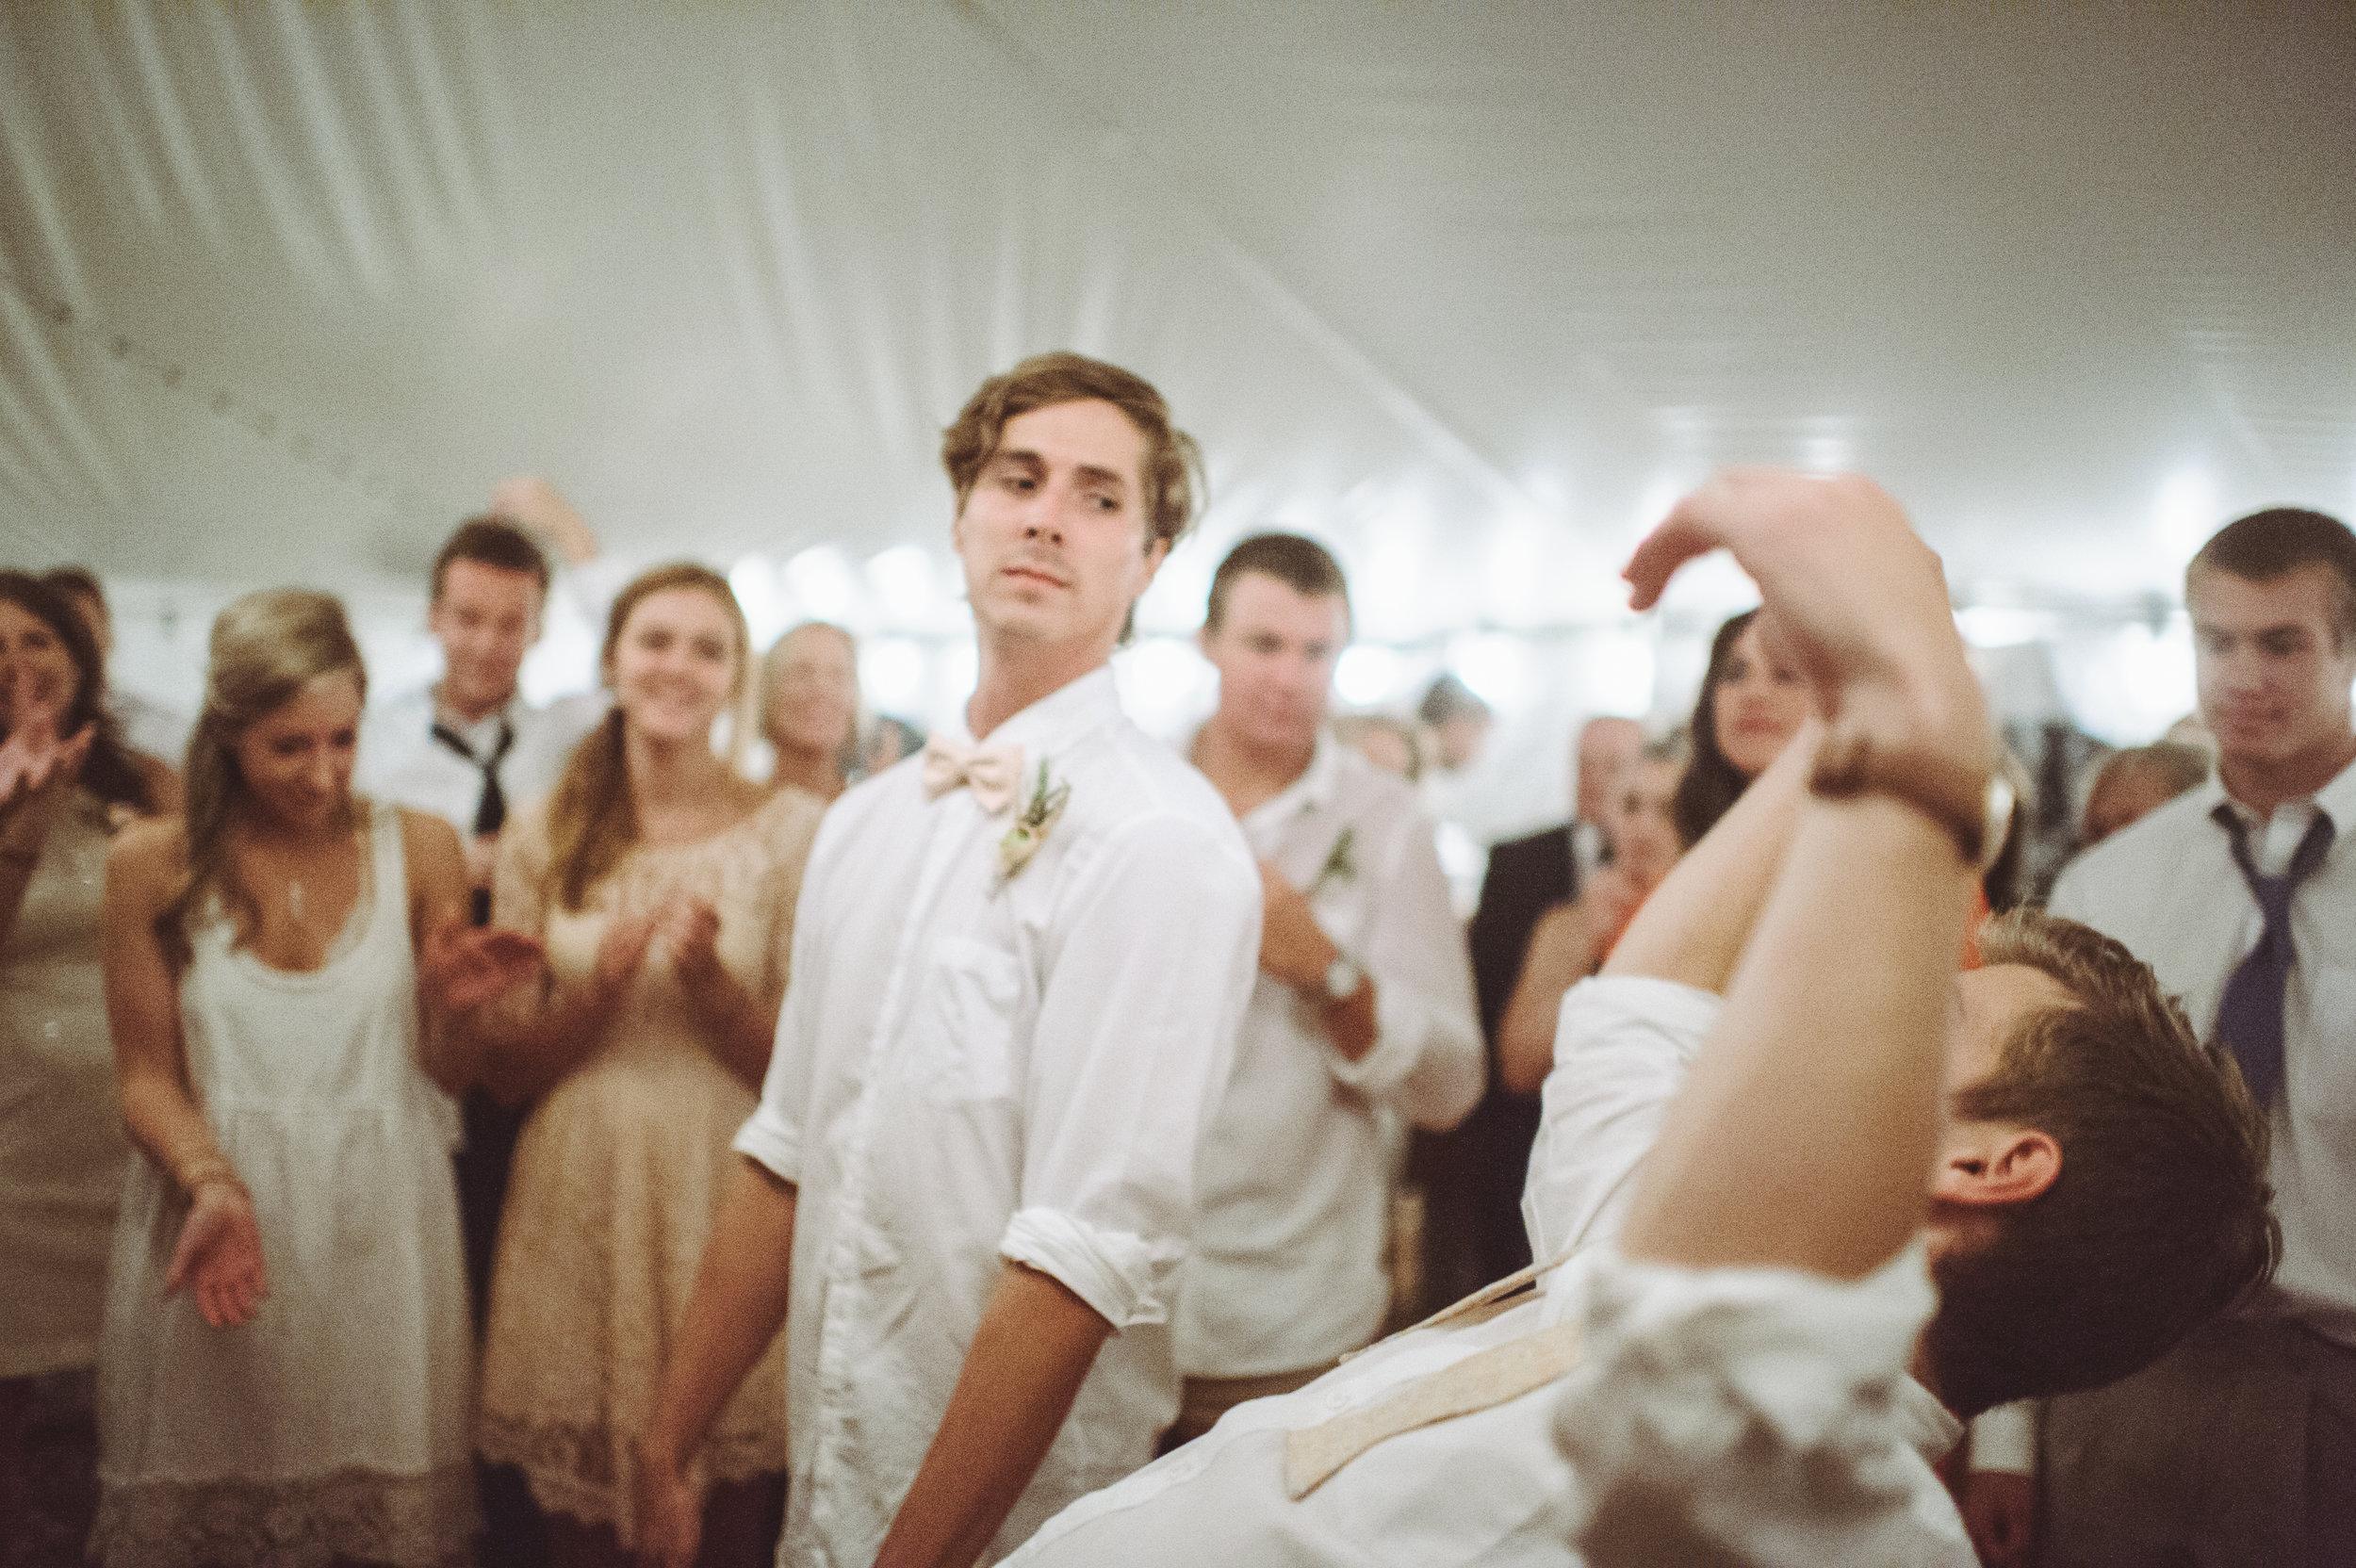 dancing - 0118.jpg